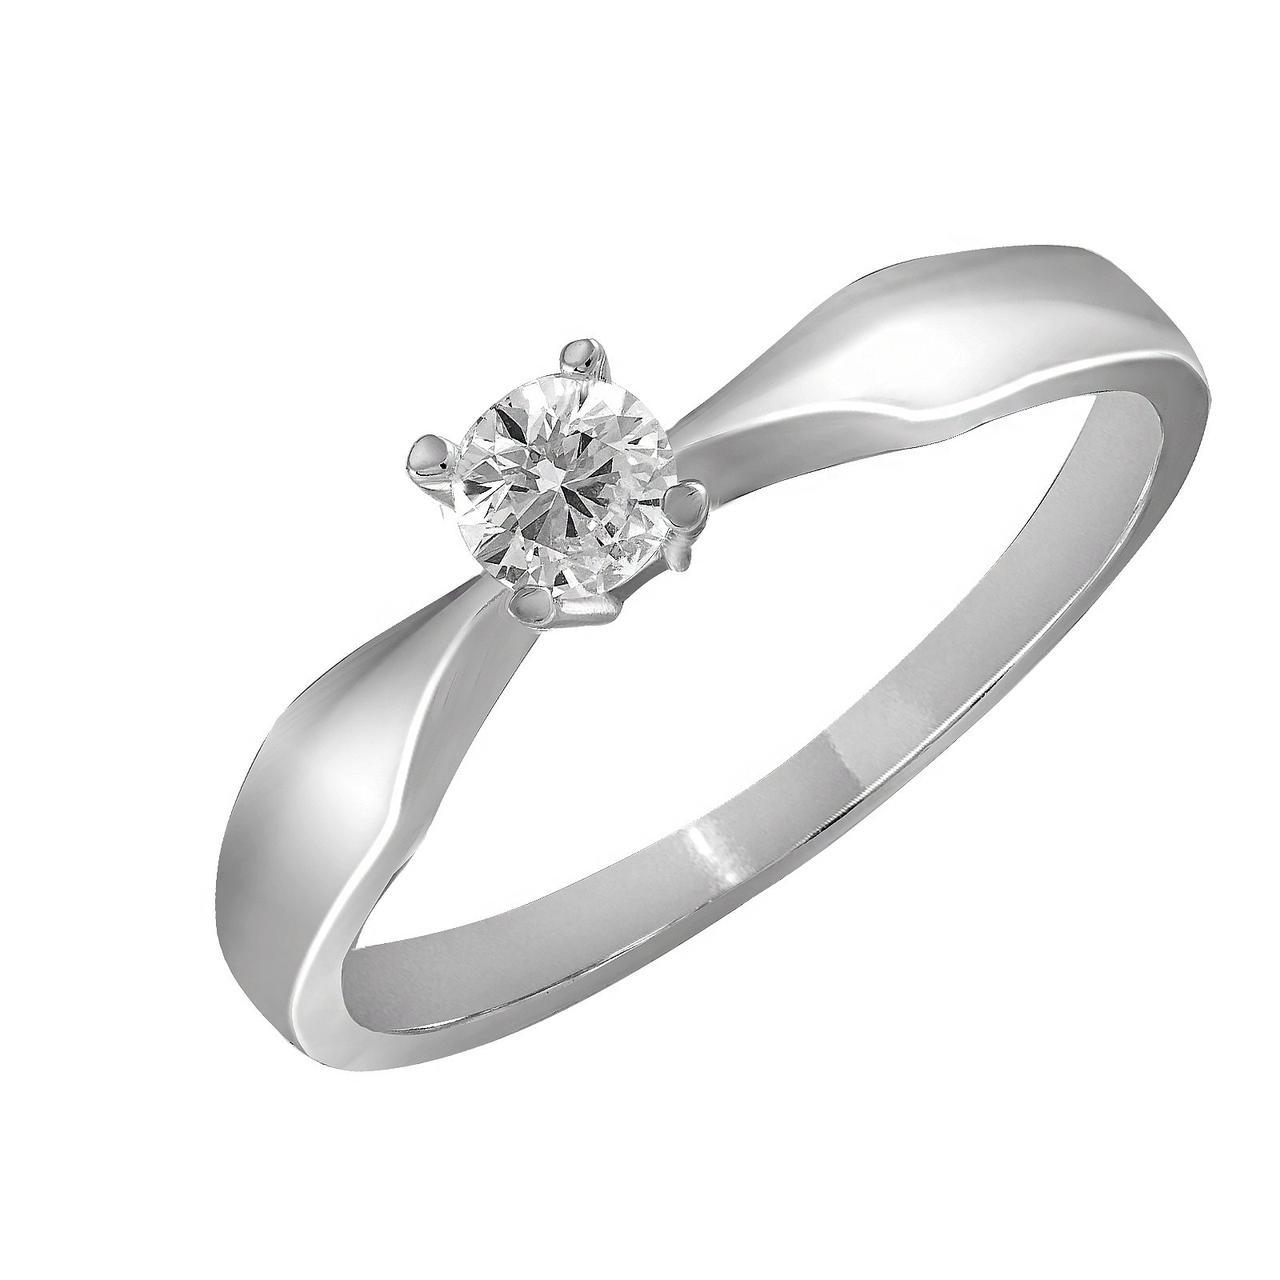 Золотое кольцо с бриллиантом, размер 16.5 (883933)